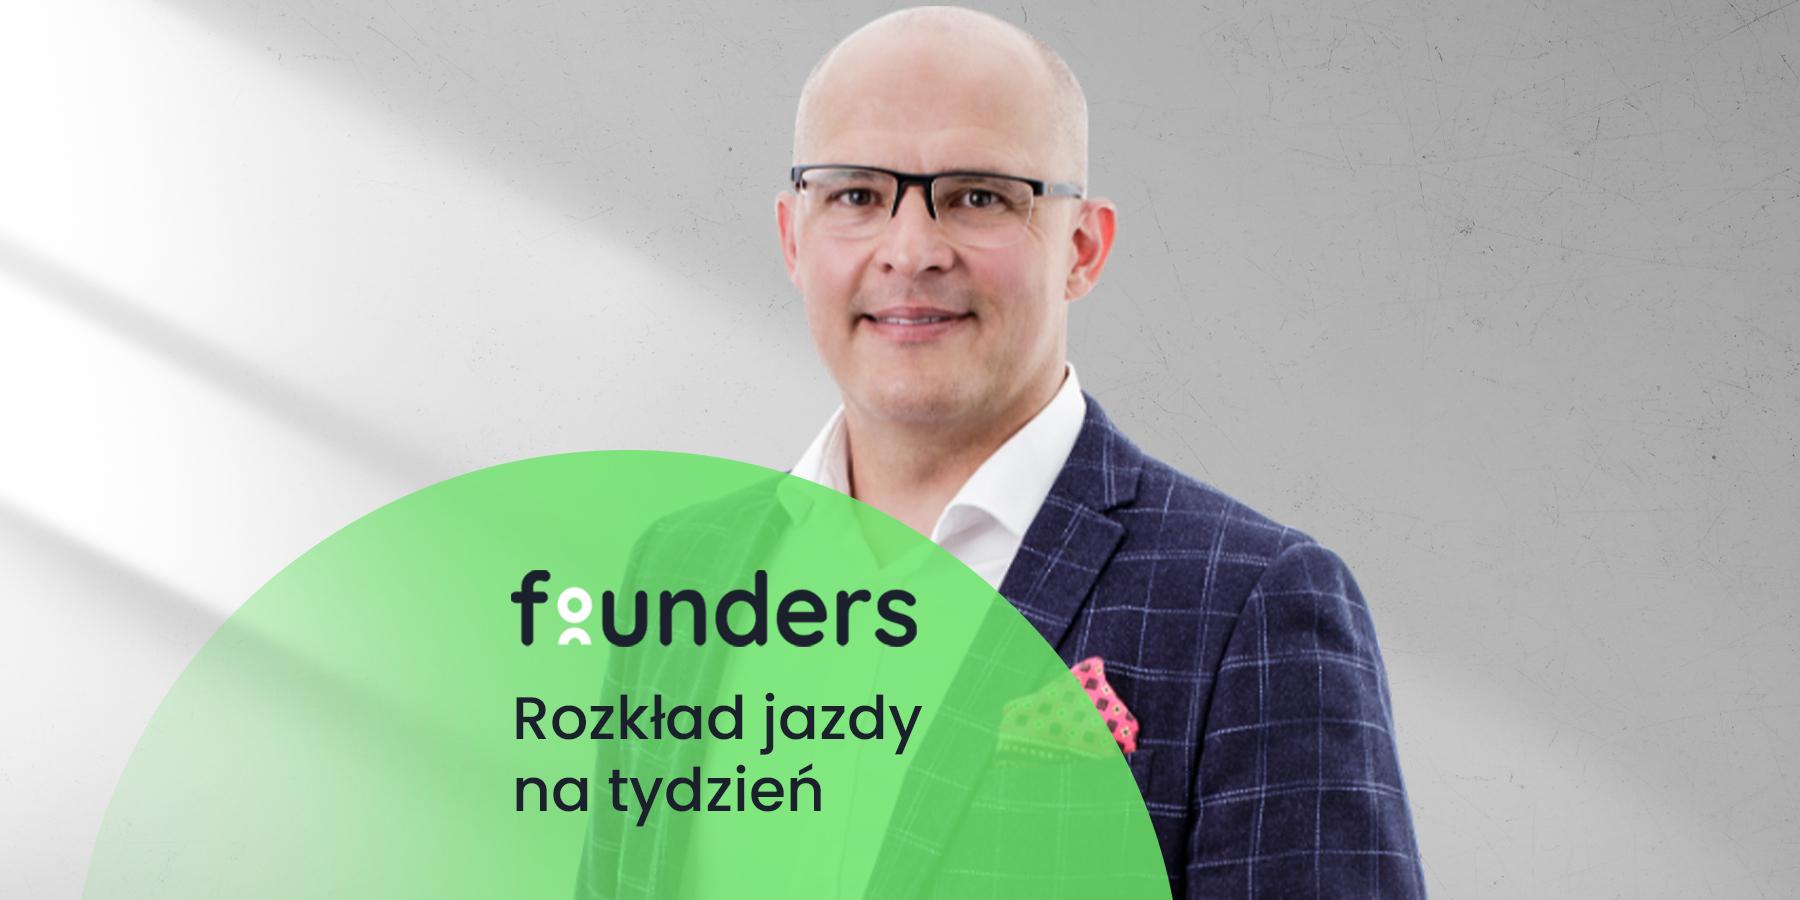 Dojrzewanie kultury organizacji. Jak wspólnie rosnąć wsiłę? Nowy tydzień naFounders.pl